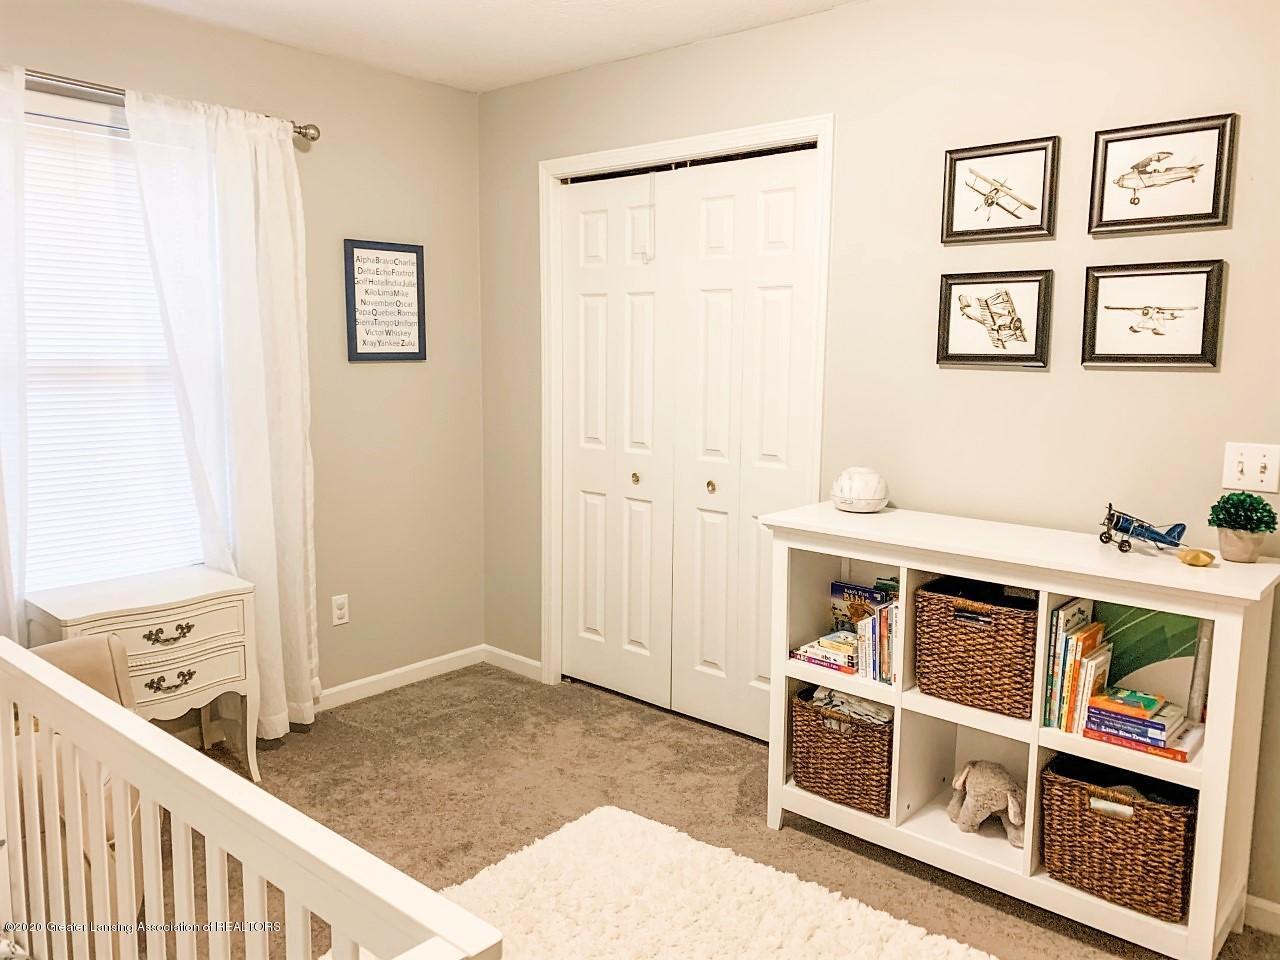 6820 Delta River Dr - 2nd Bedroom w/furniture - 23